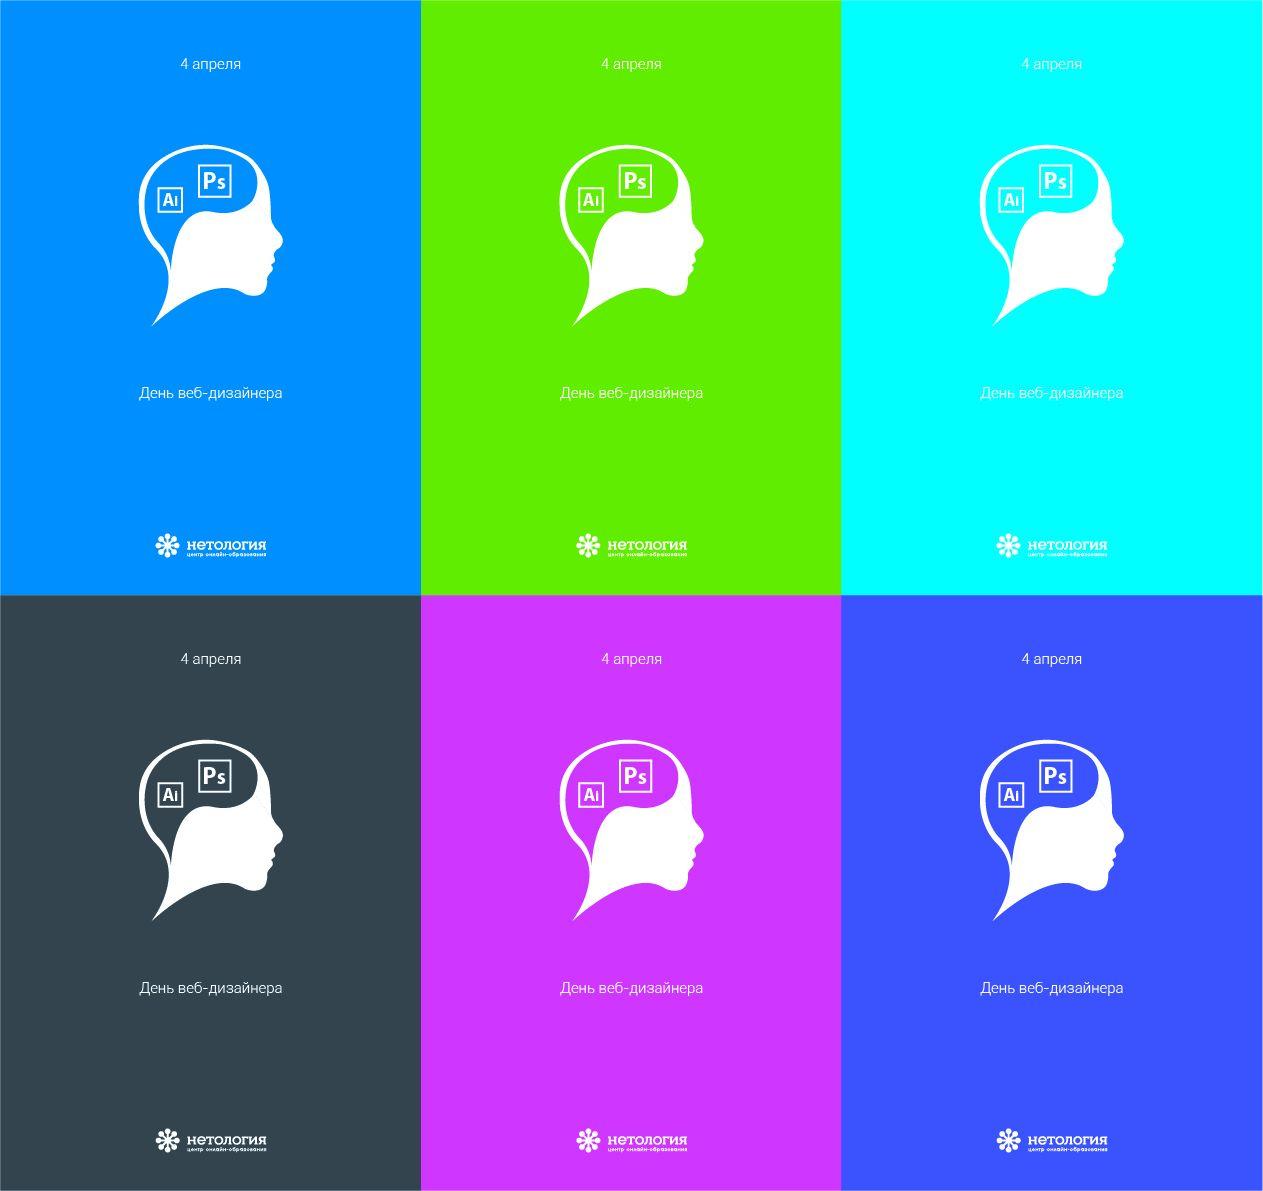 Дизайн открытки. Приз – онлайн-курс по веб-дизайну - дизайнер boool